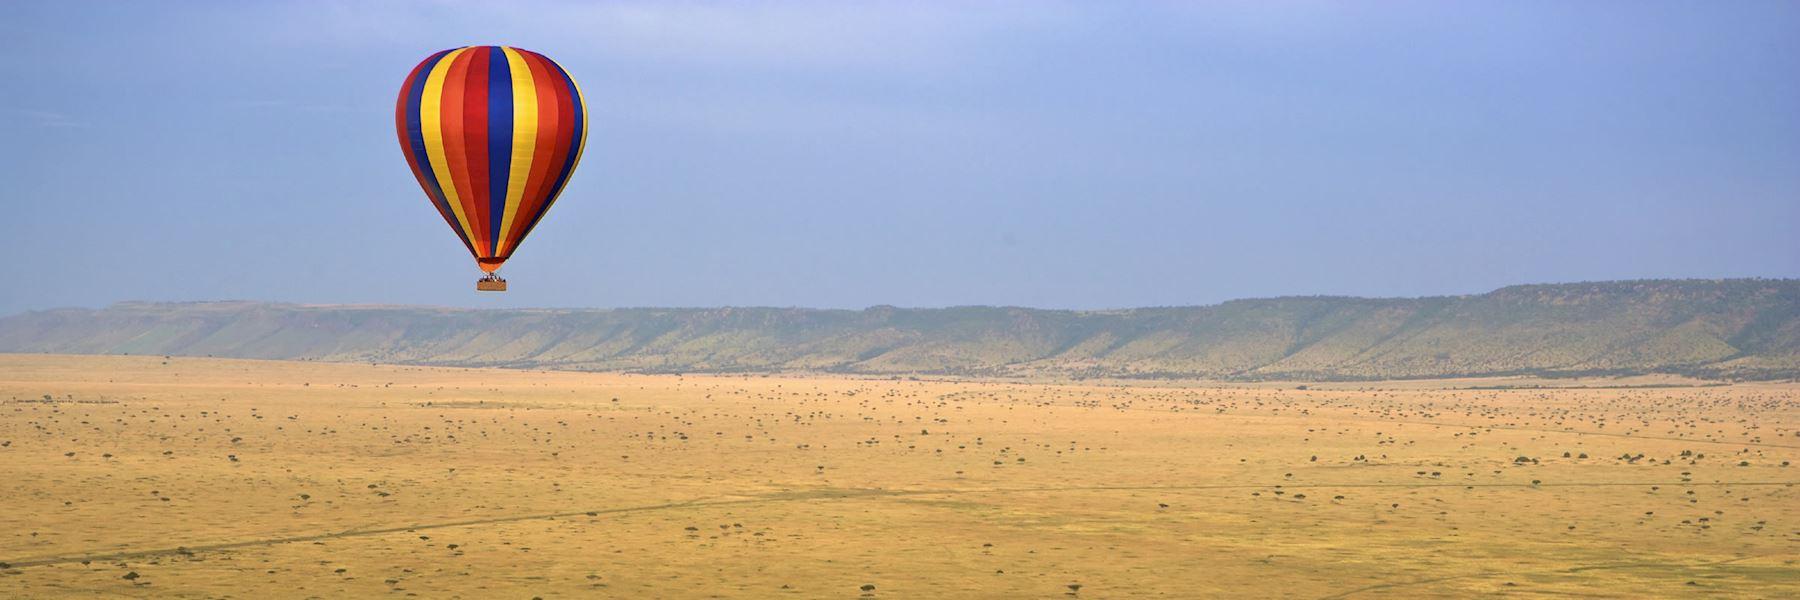 Things to do in Kenya